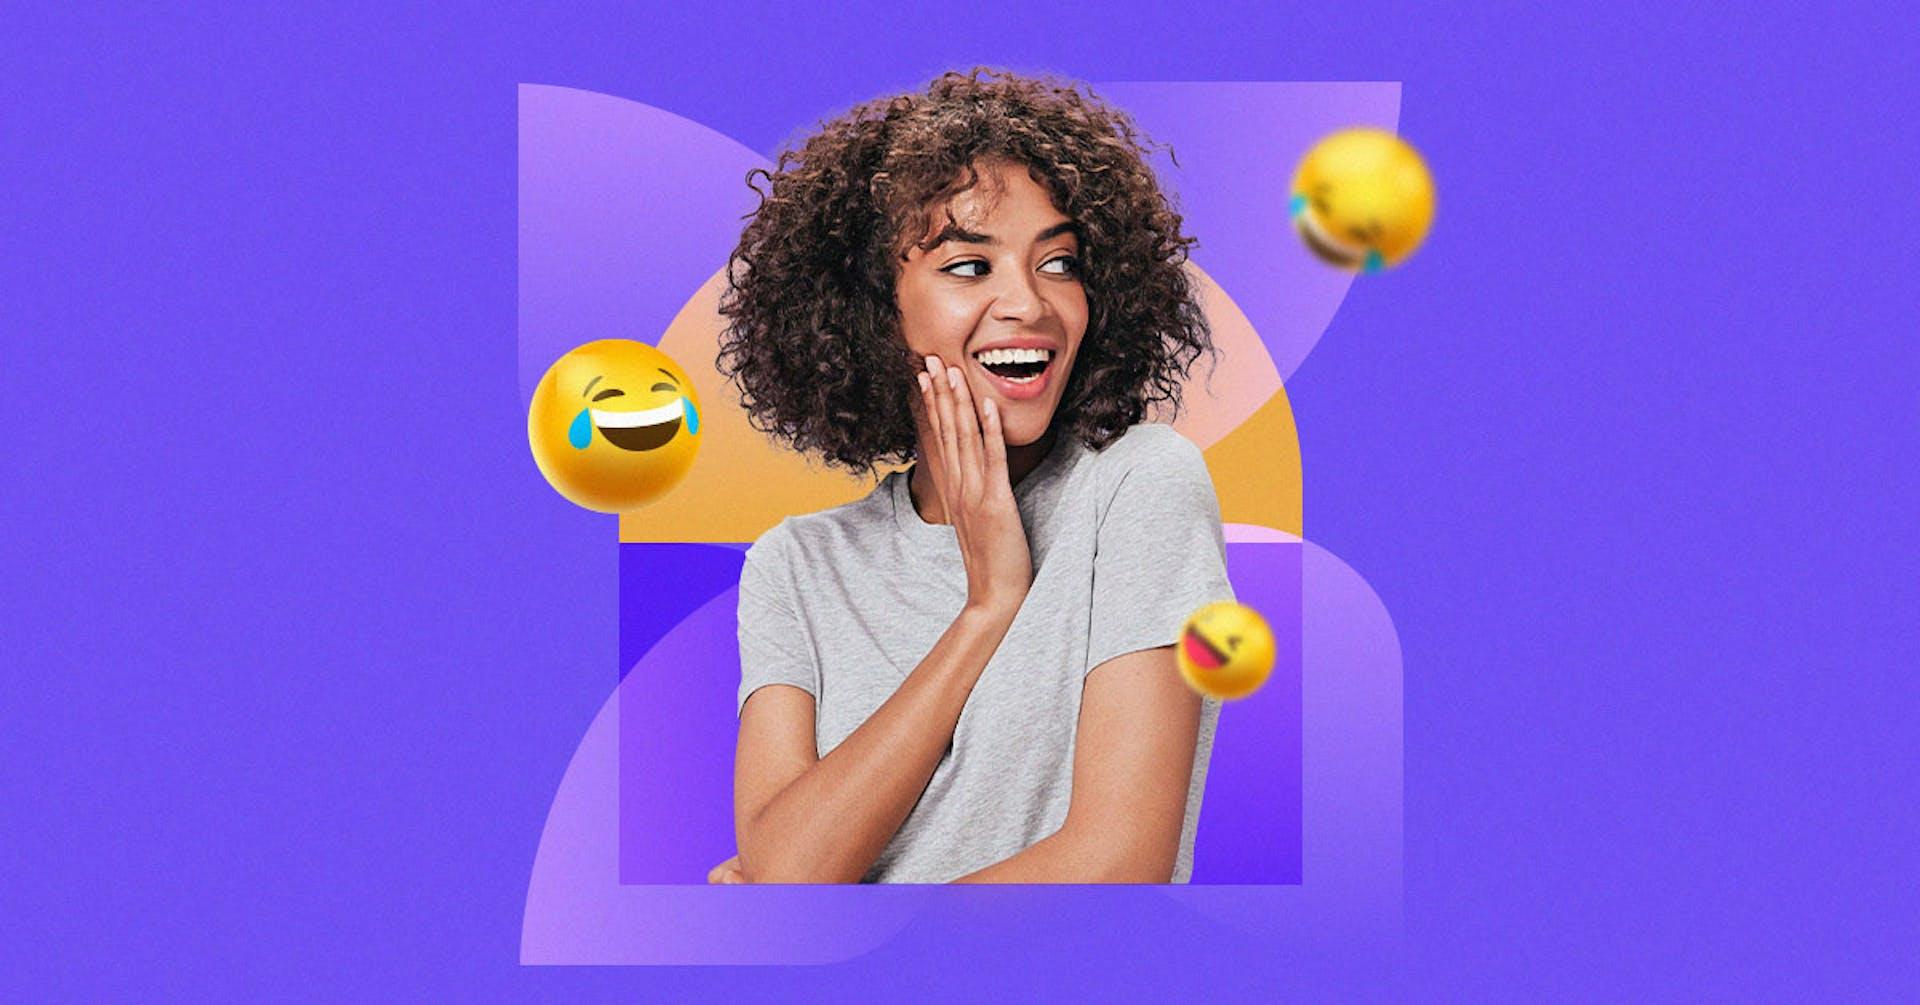 ¿Cuáles son los beneficios de reír? Descubre el secreto de una vida sana